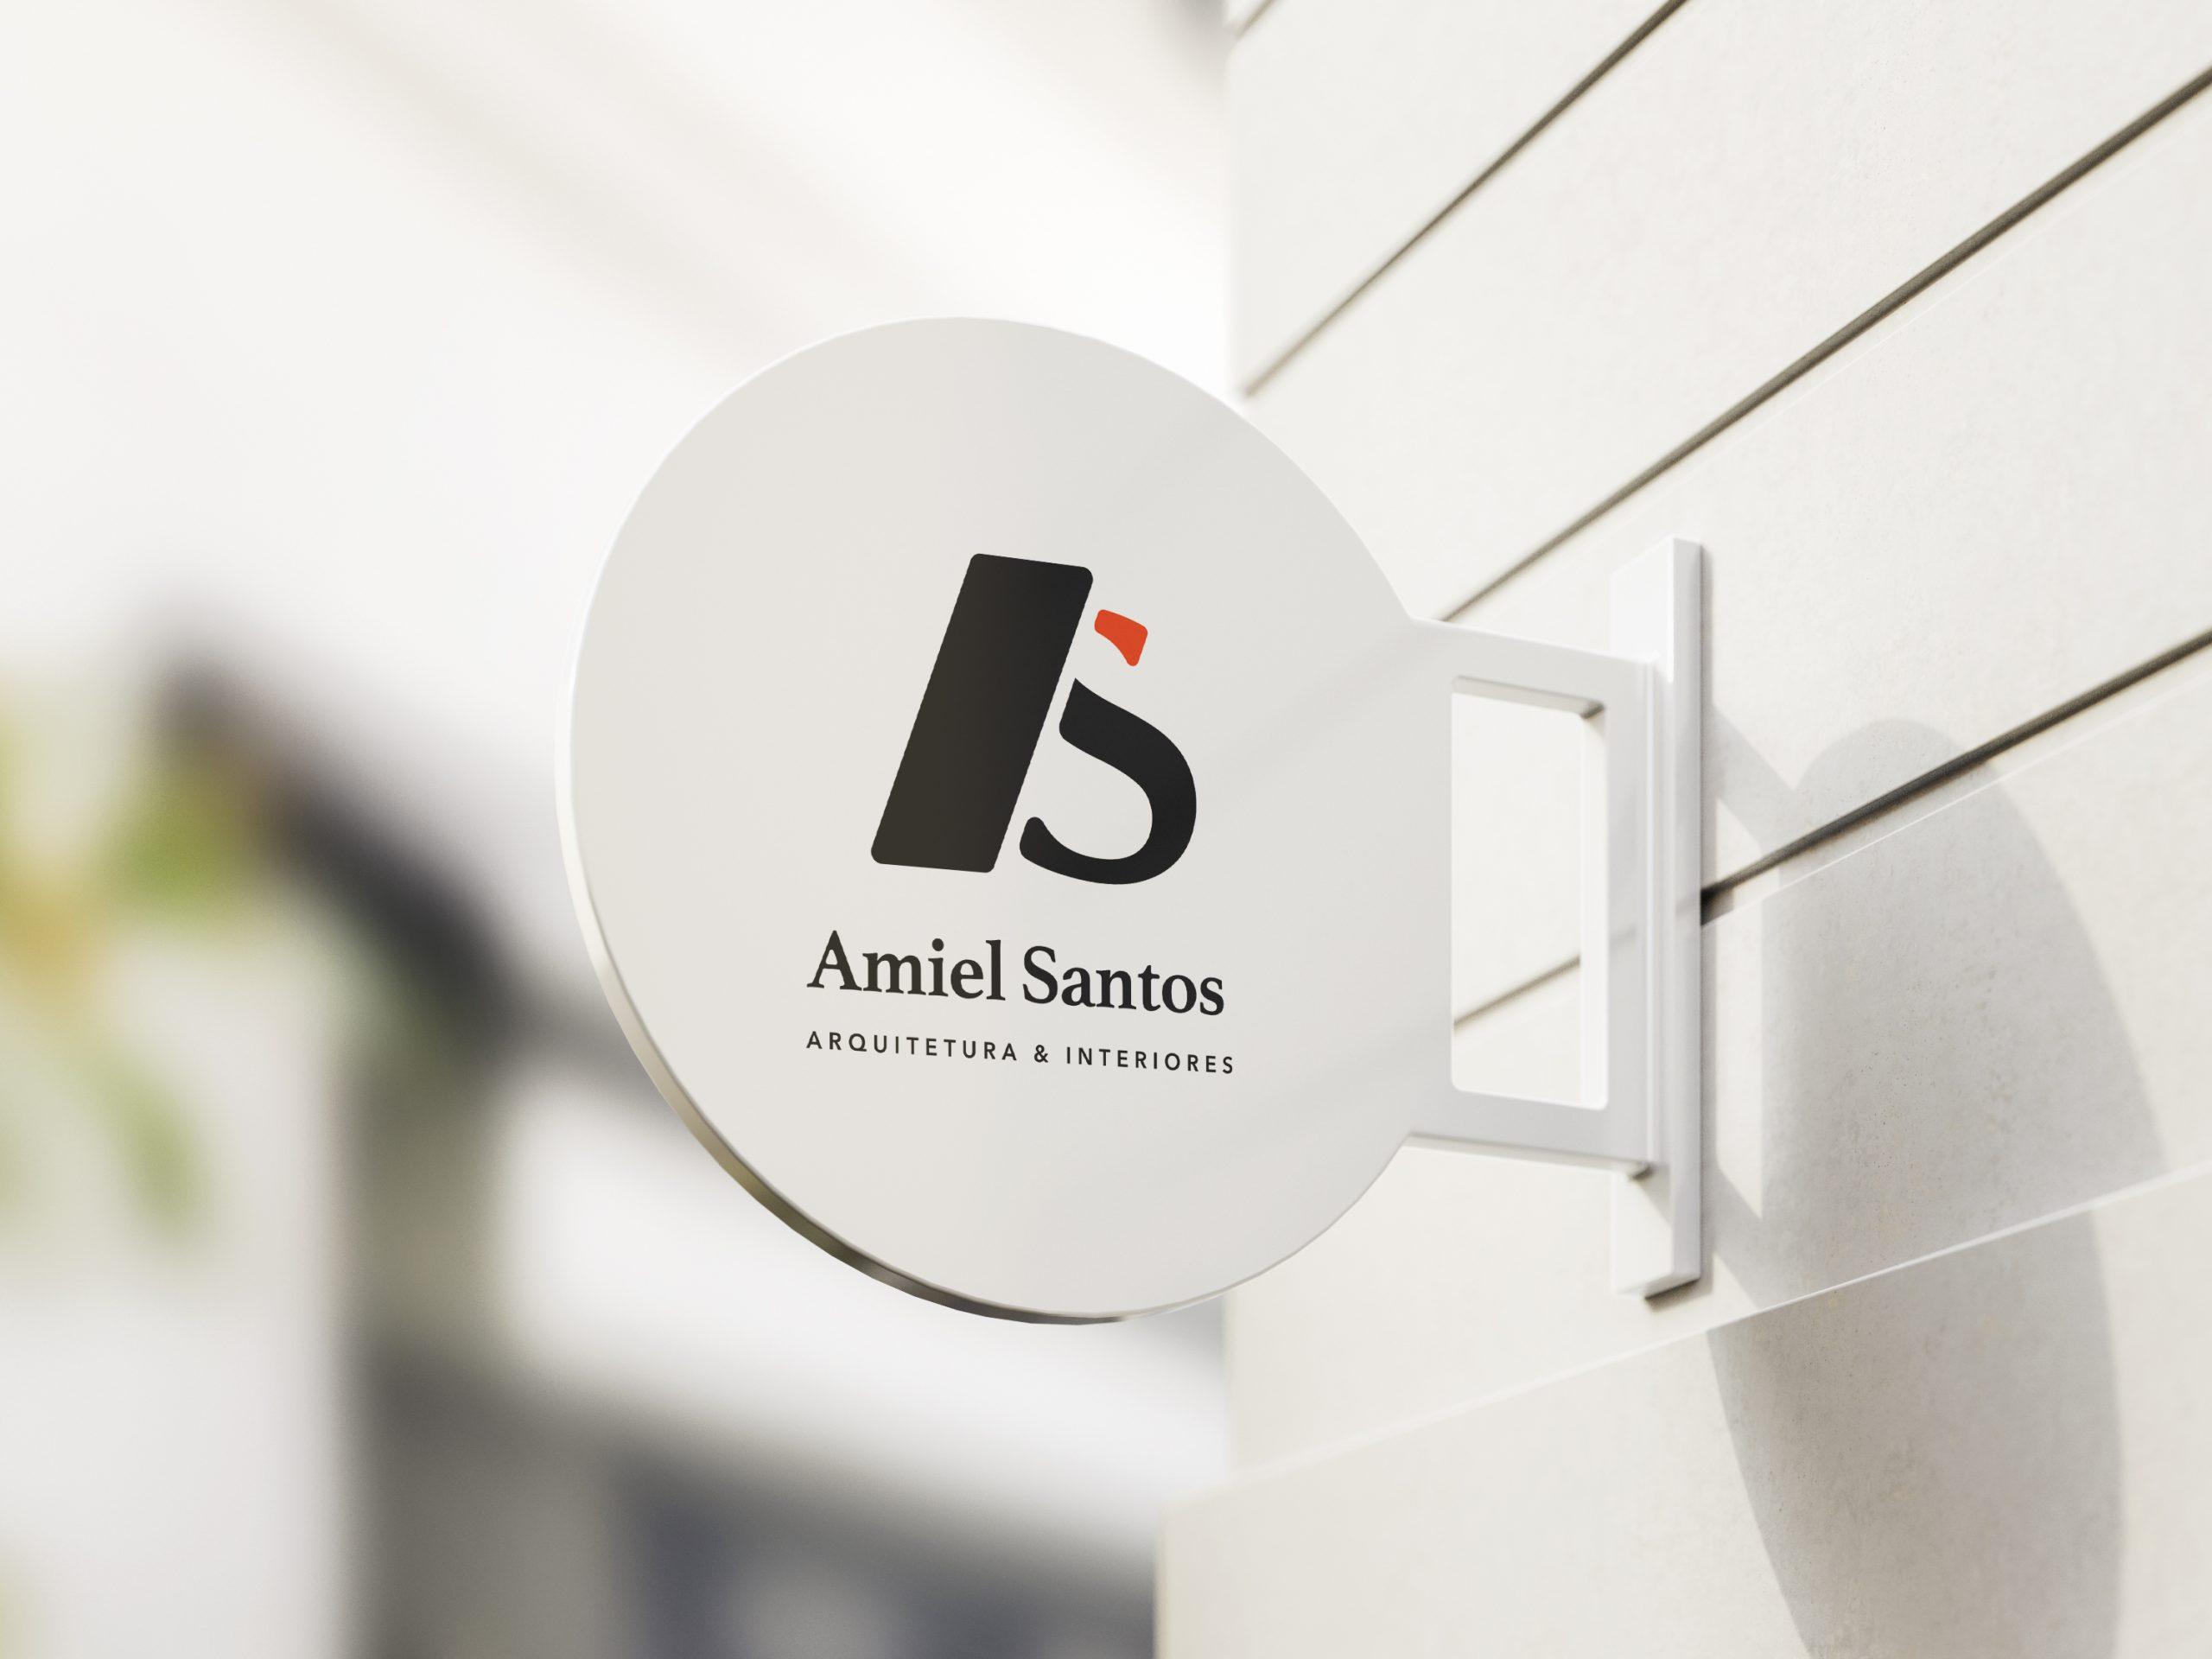 AMIEL SANTOS